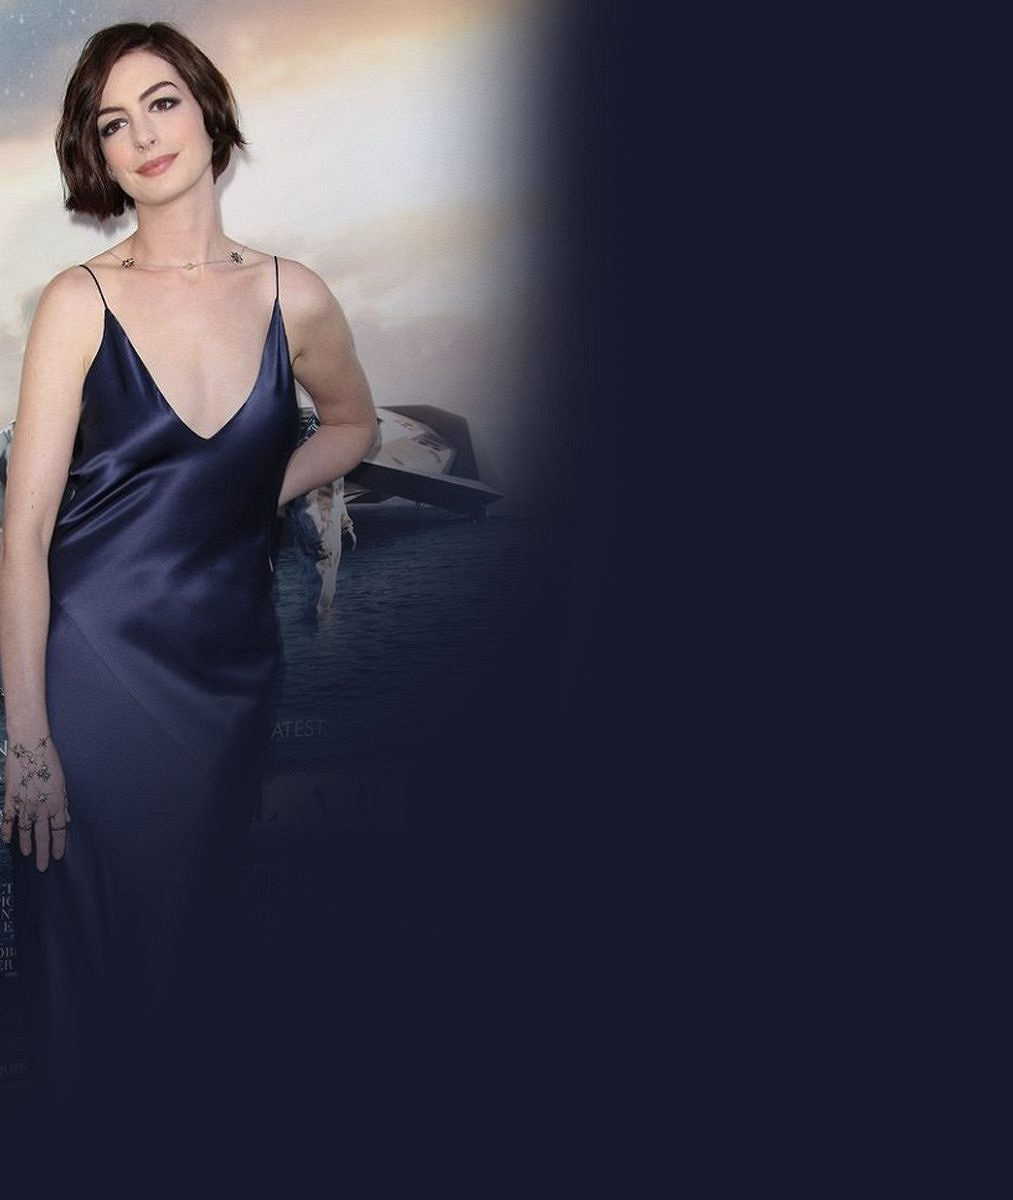 Takhle vypadá ryzí láska: Slavná herečka tráví s manželem dovolenou jako dokonalí milenci z romantického filmu